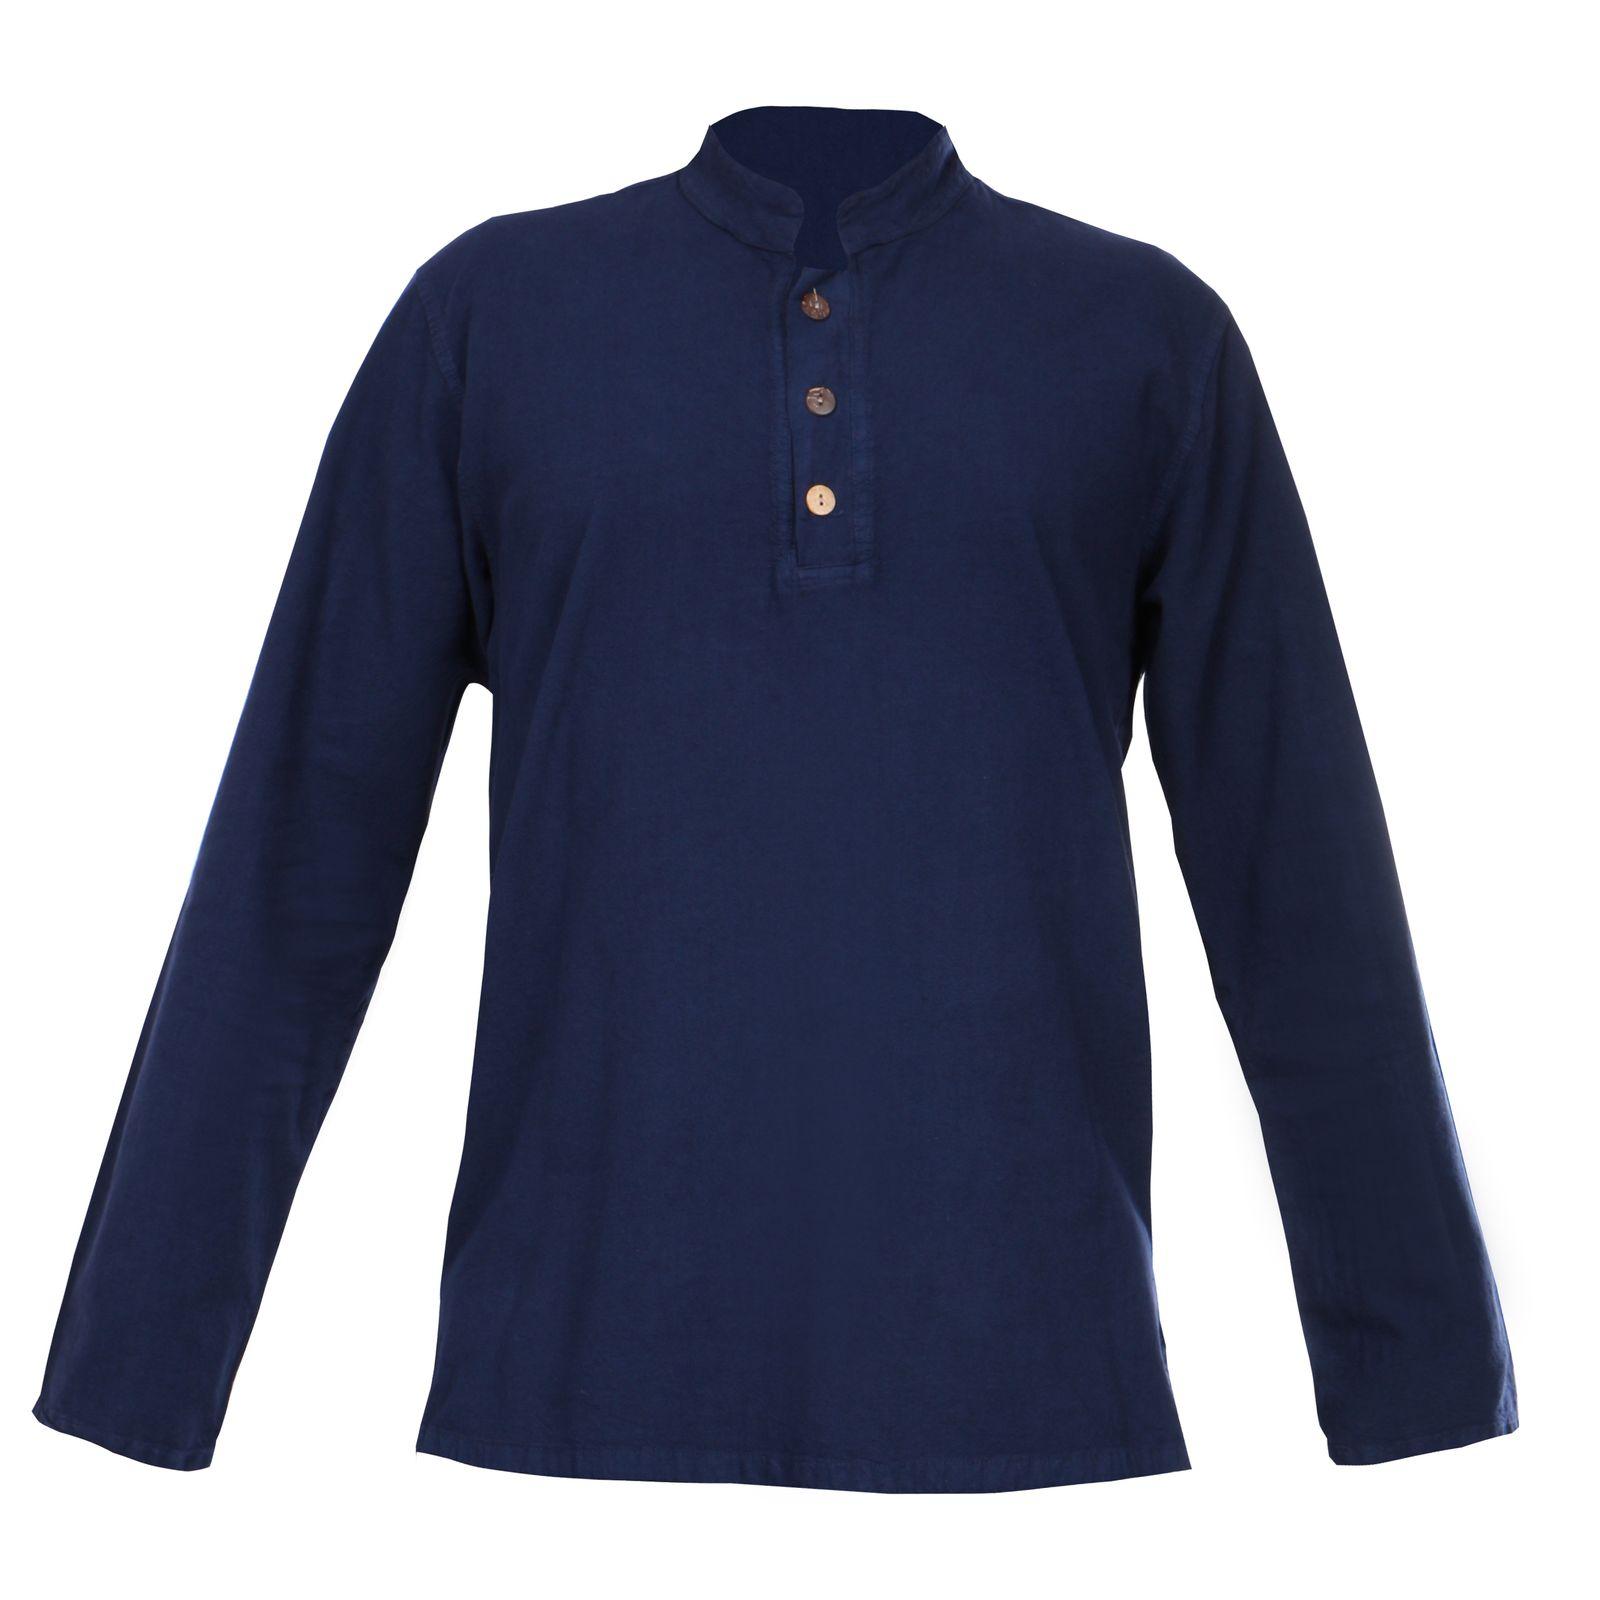 پیراهن آستین بلند مردانه کد P.3D.S.04 رنگ سرمه ای -  - 3